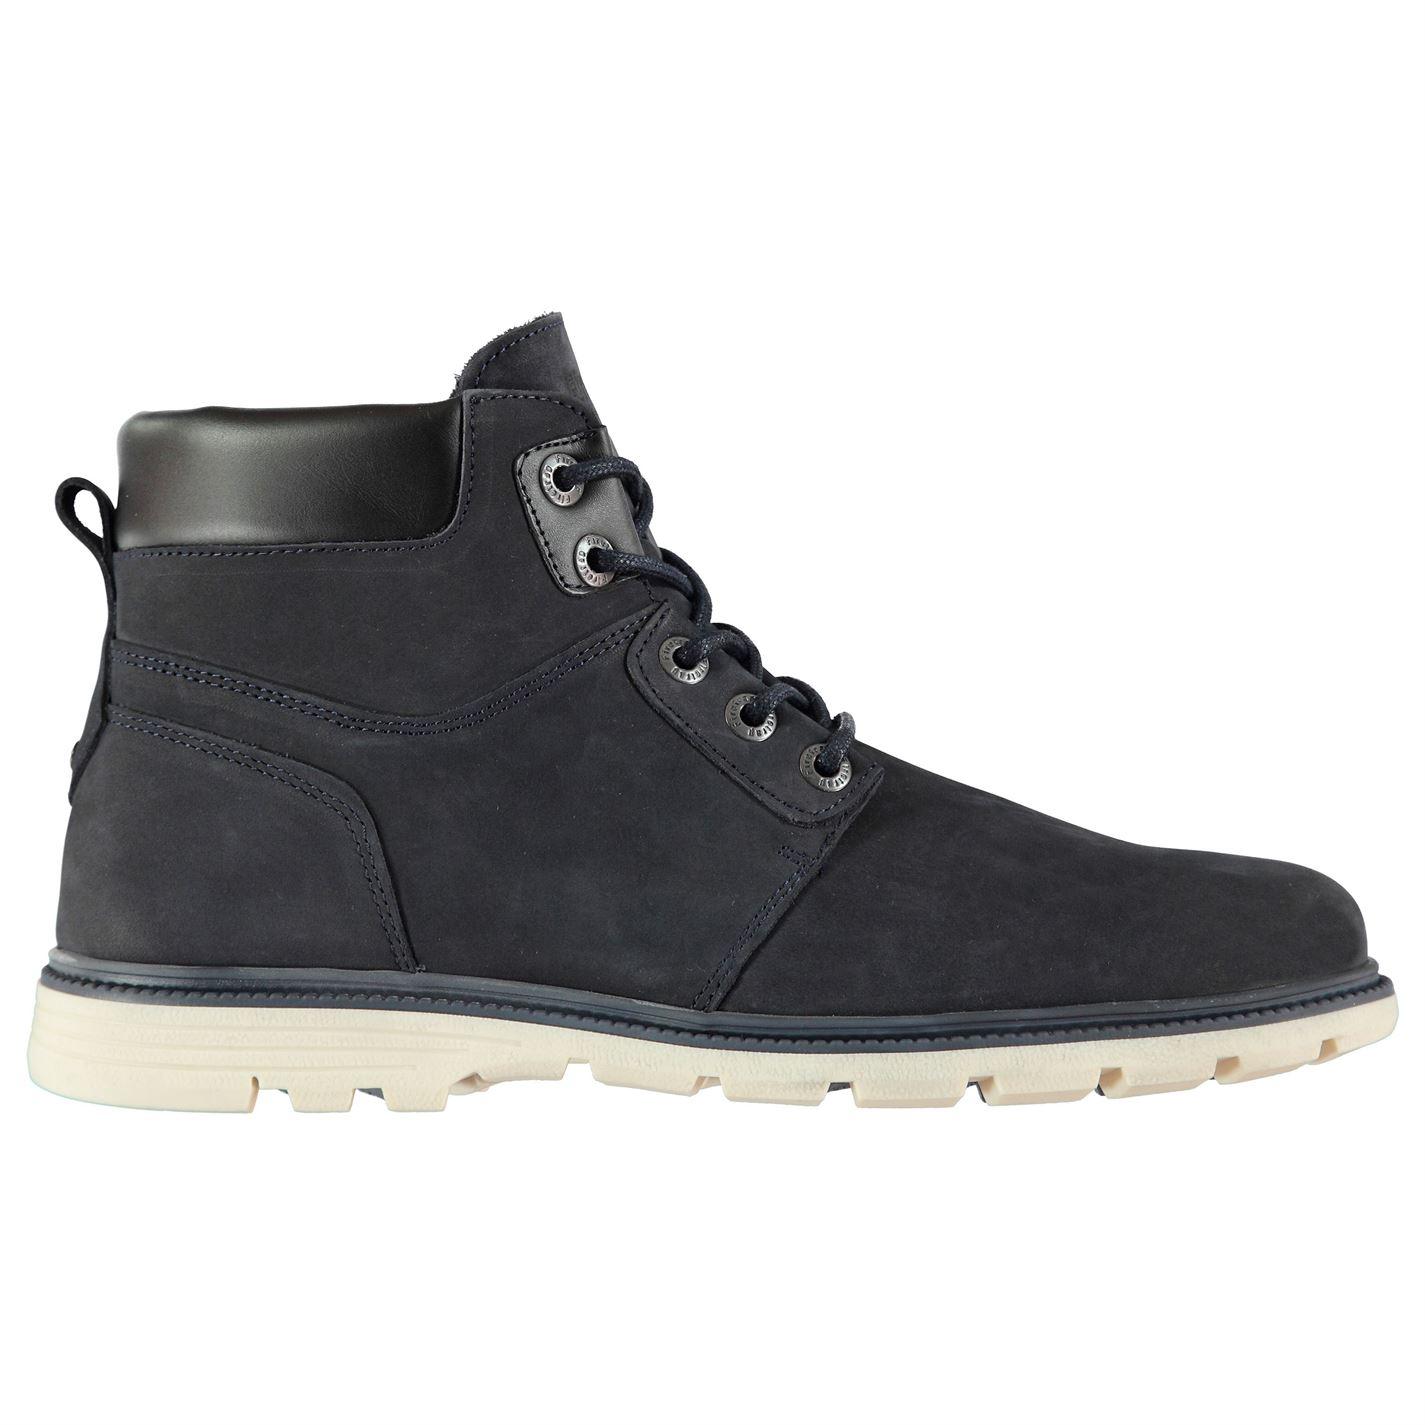 Firetrap Delta pánske topánky